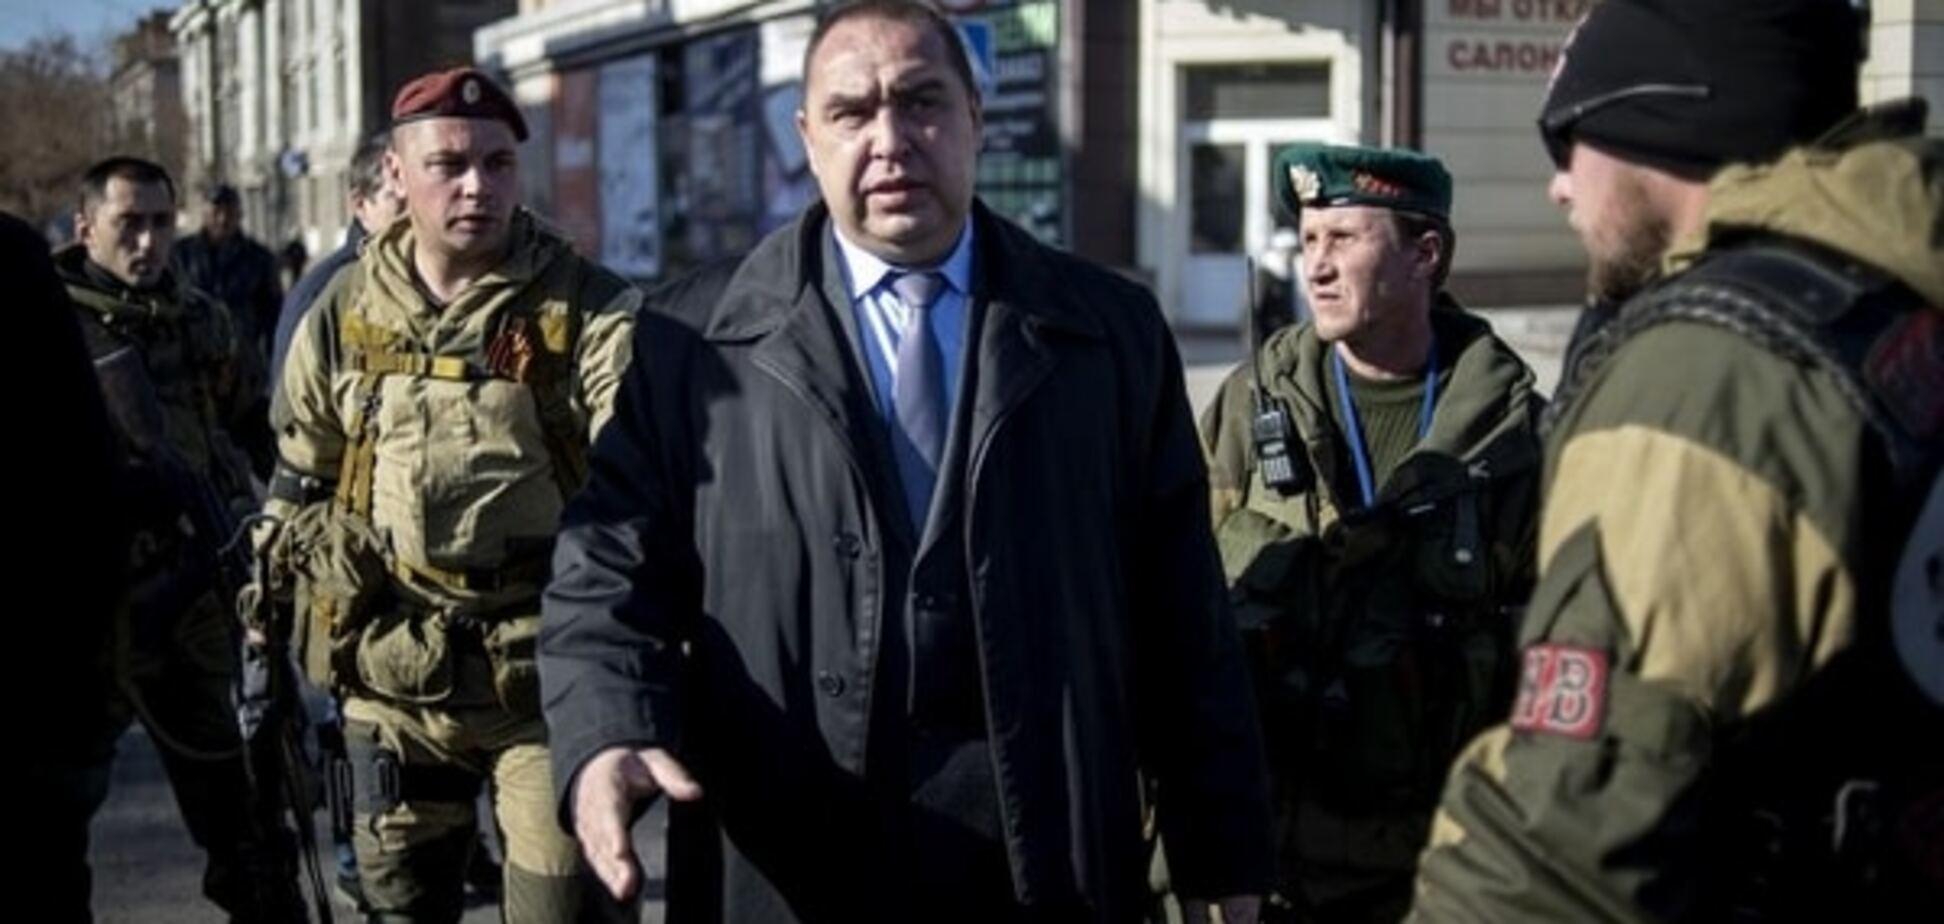 Переворот в 'ЛНР': милиция готовится арестовать Плотницкого